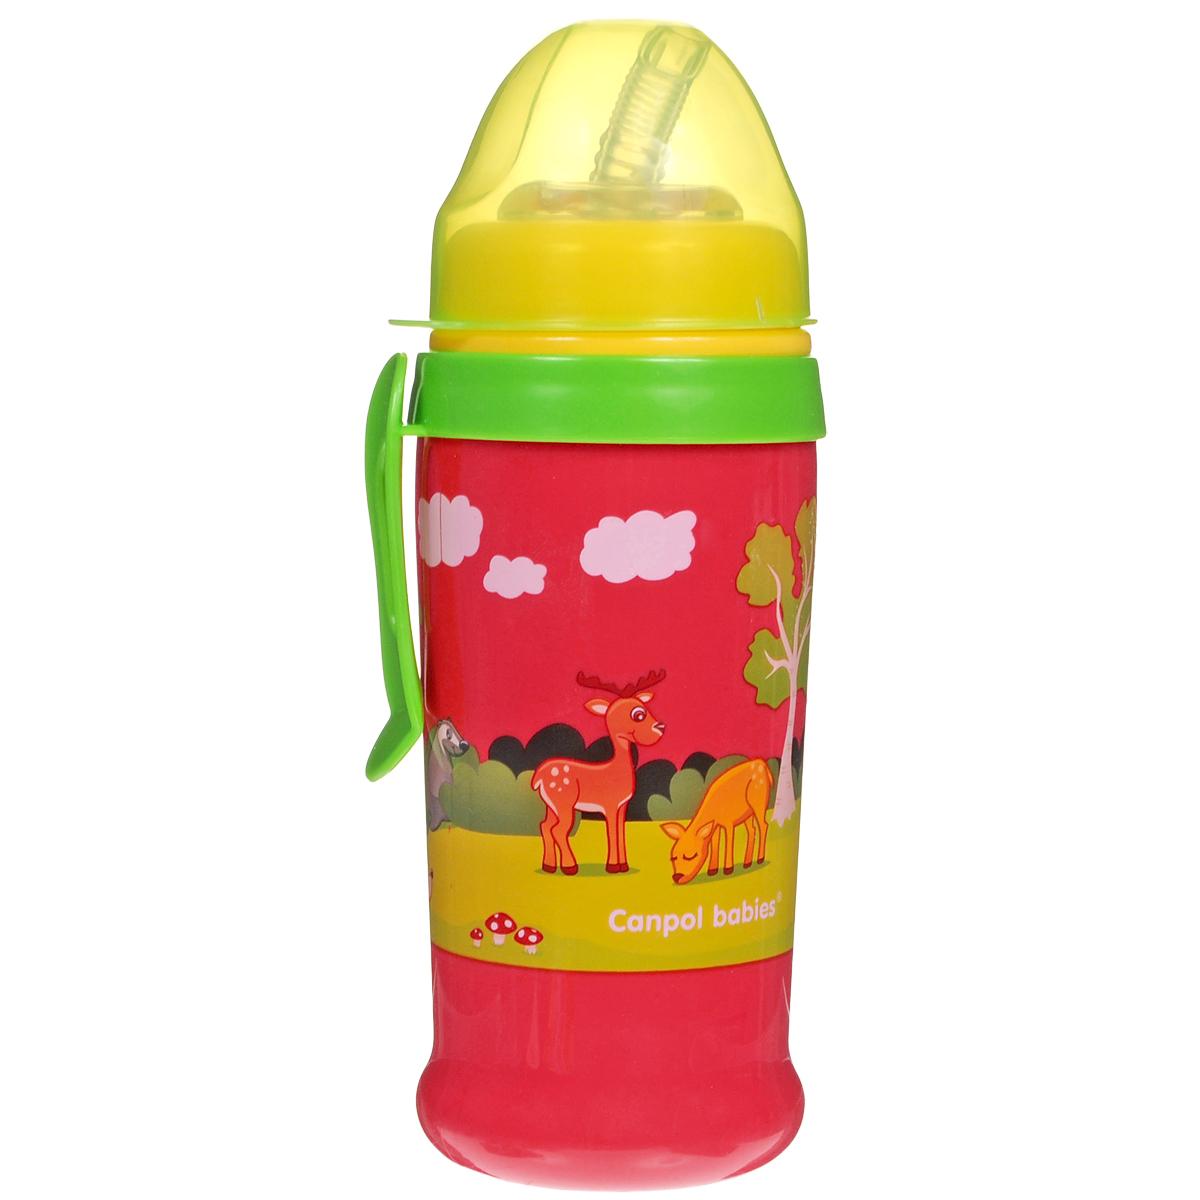 Поильник Canpol Babies, непроливающий, с силиконовым носиком-трубочкой, цвет: красный, желтый, зеленый, 350 мл